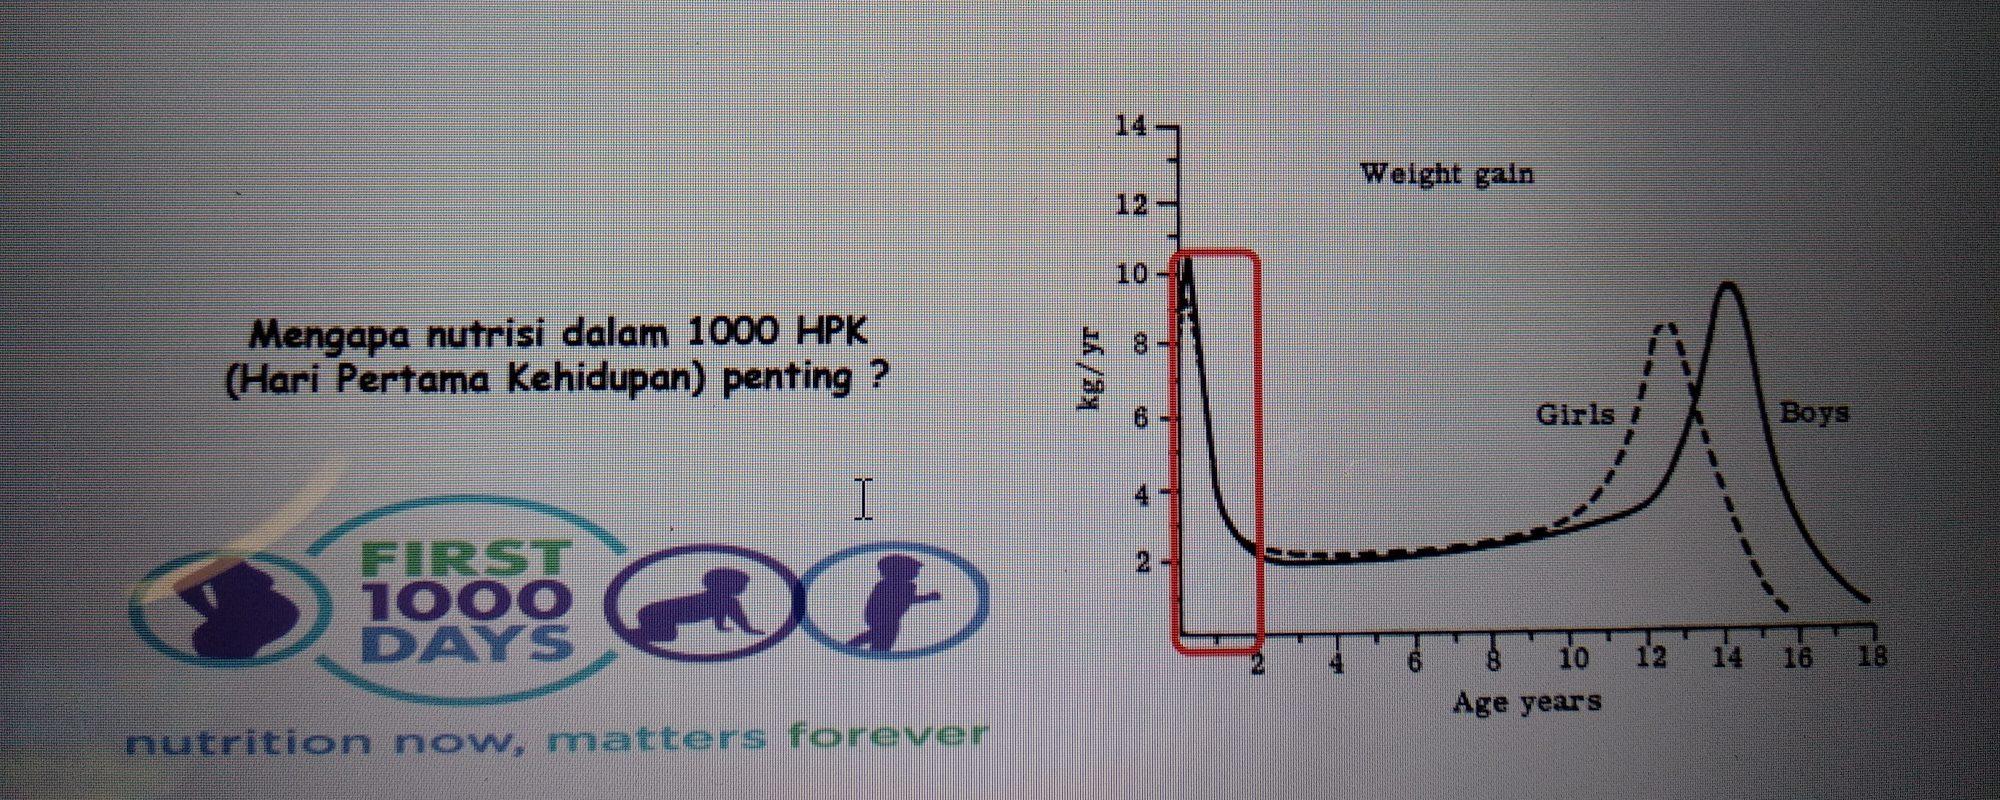 Pentingnya 1000 HPK, Materi Dr. Damayanti Rusdi